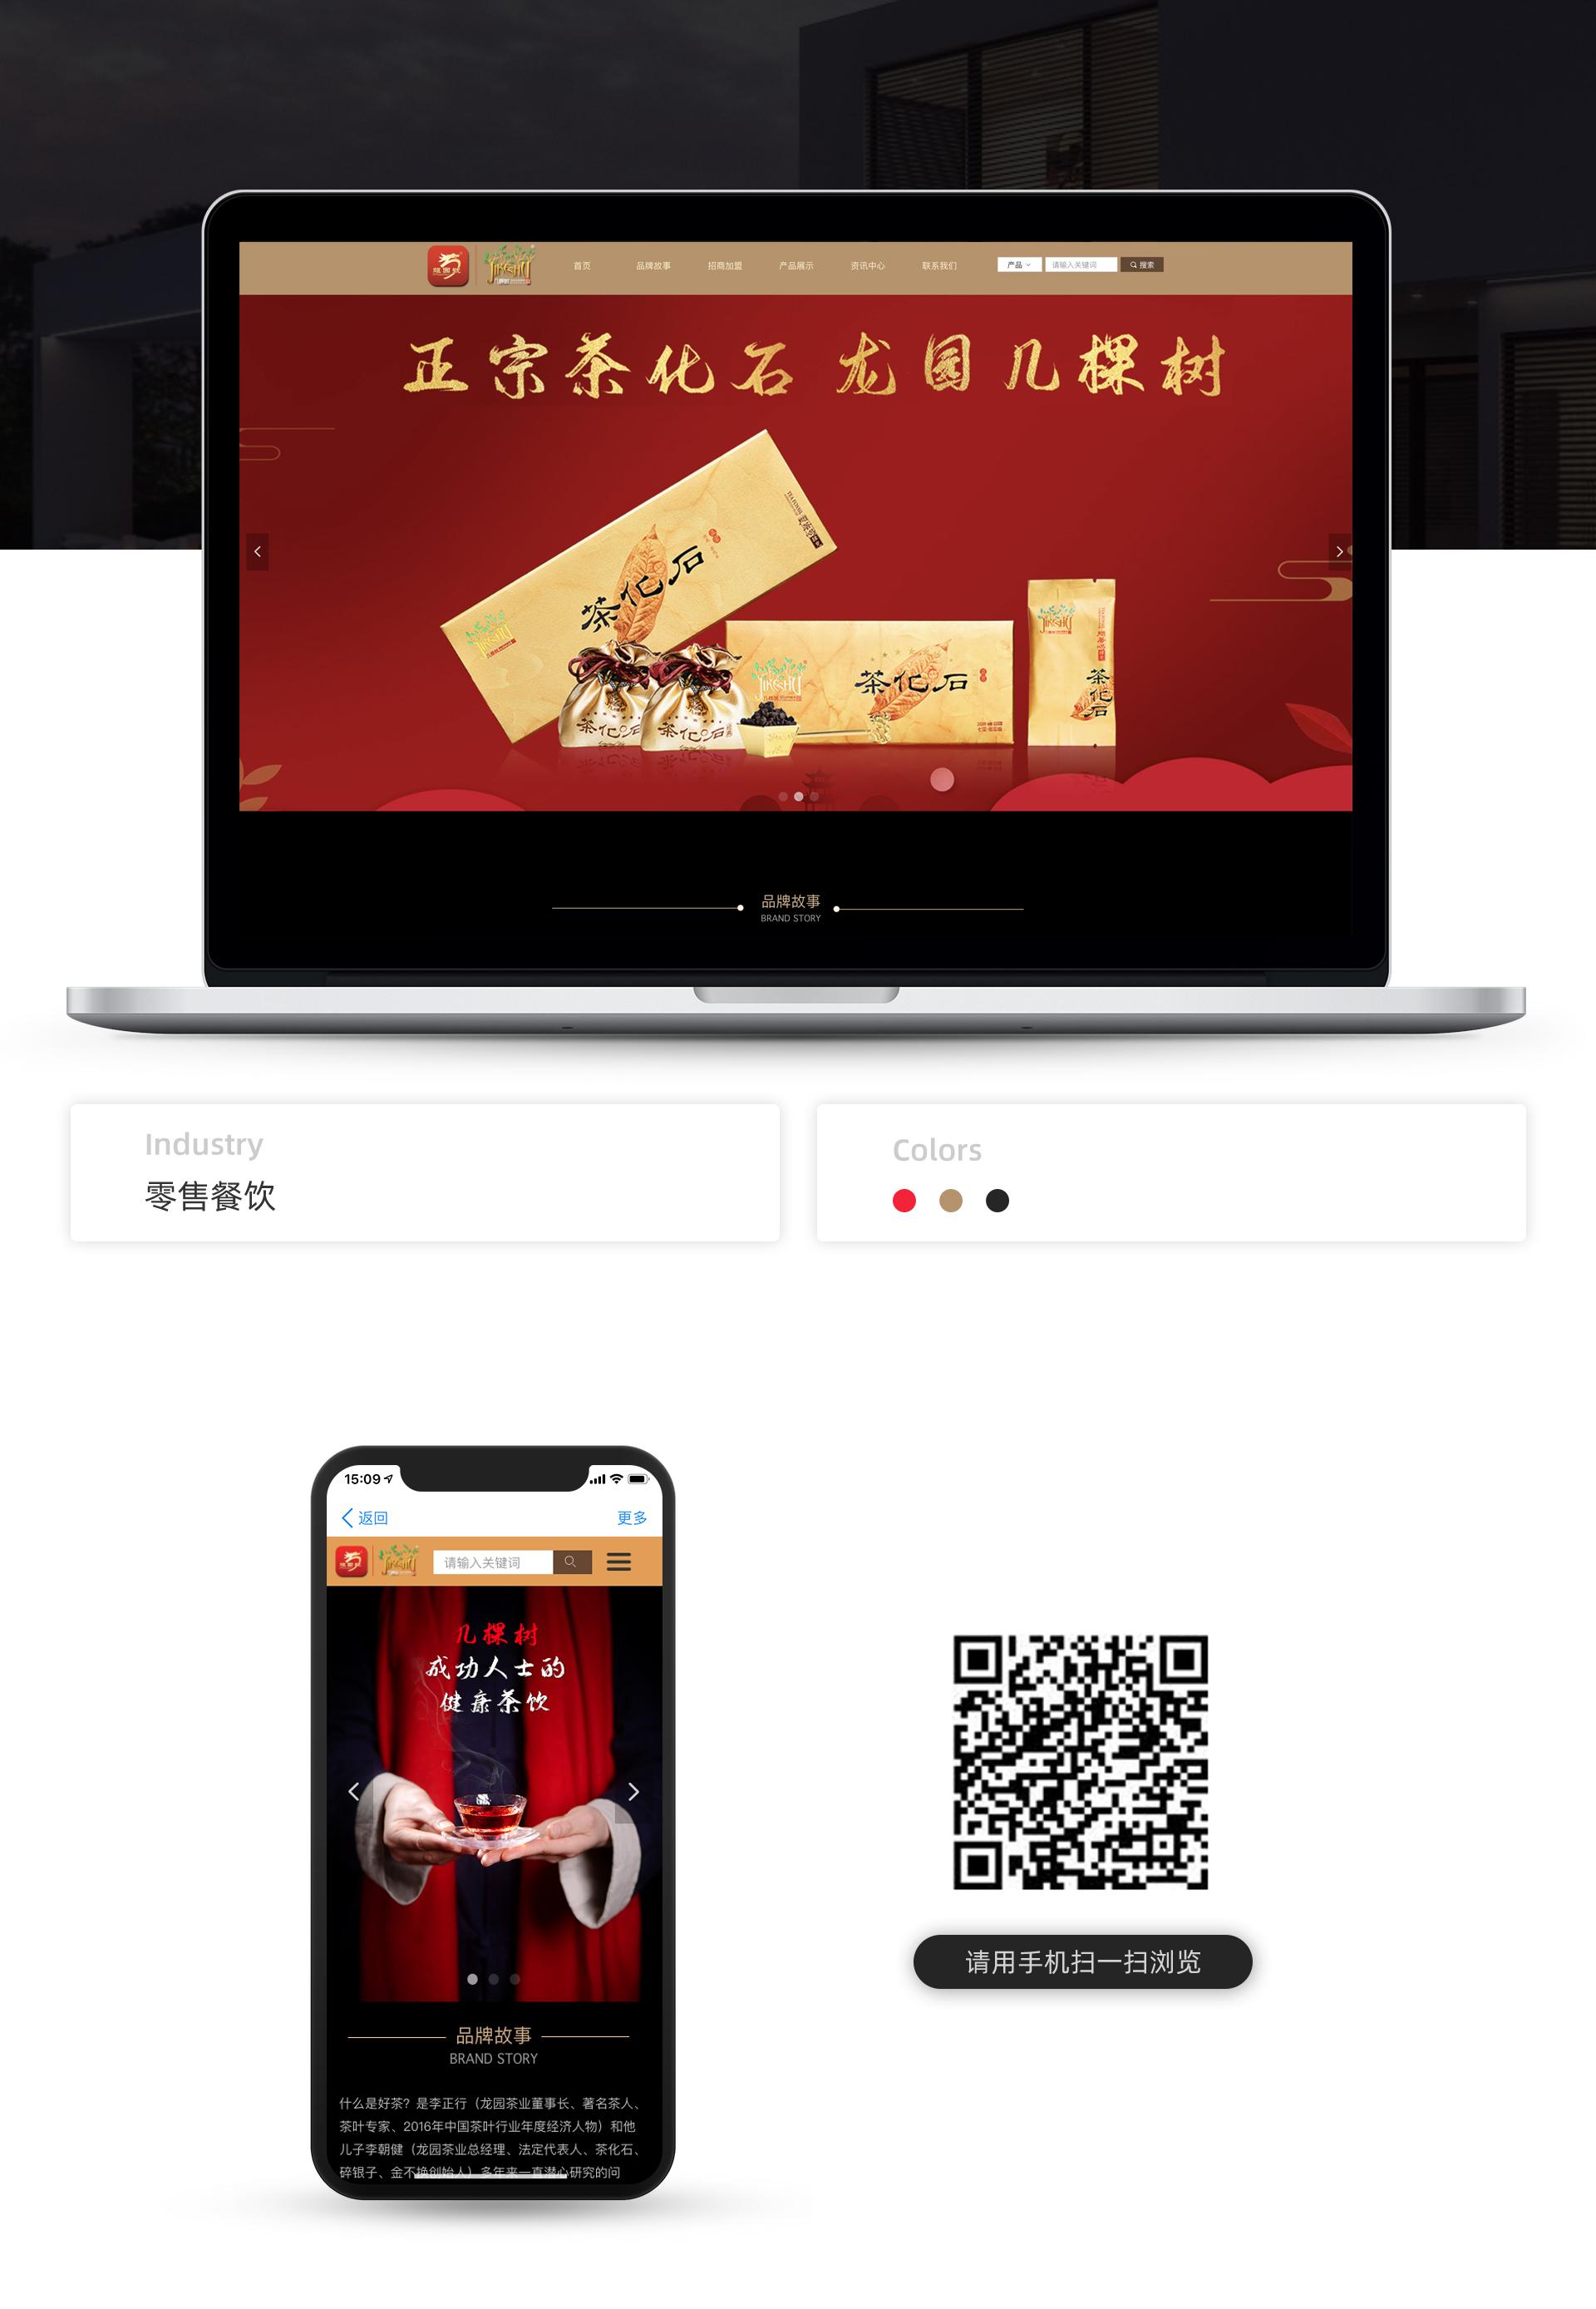 内页-云企案例设计简介-有手机版204256144990604